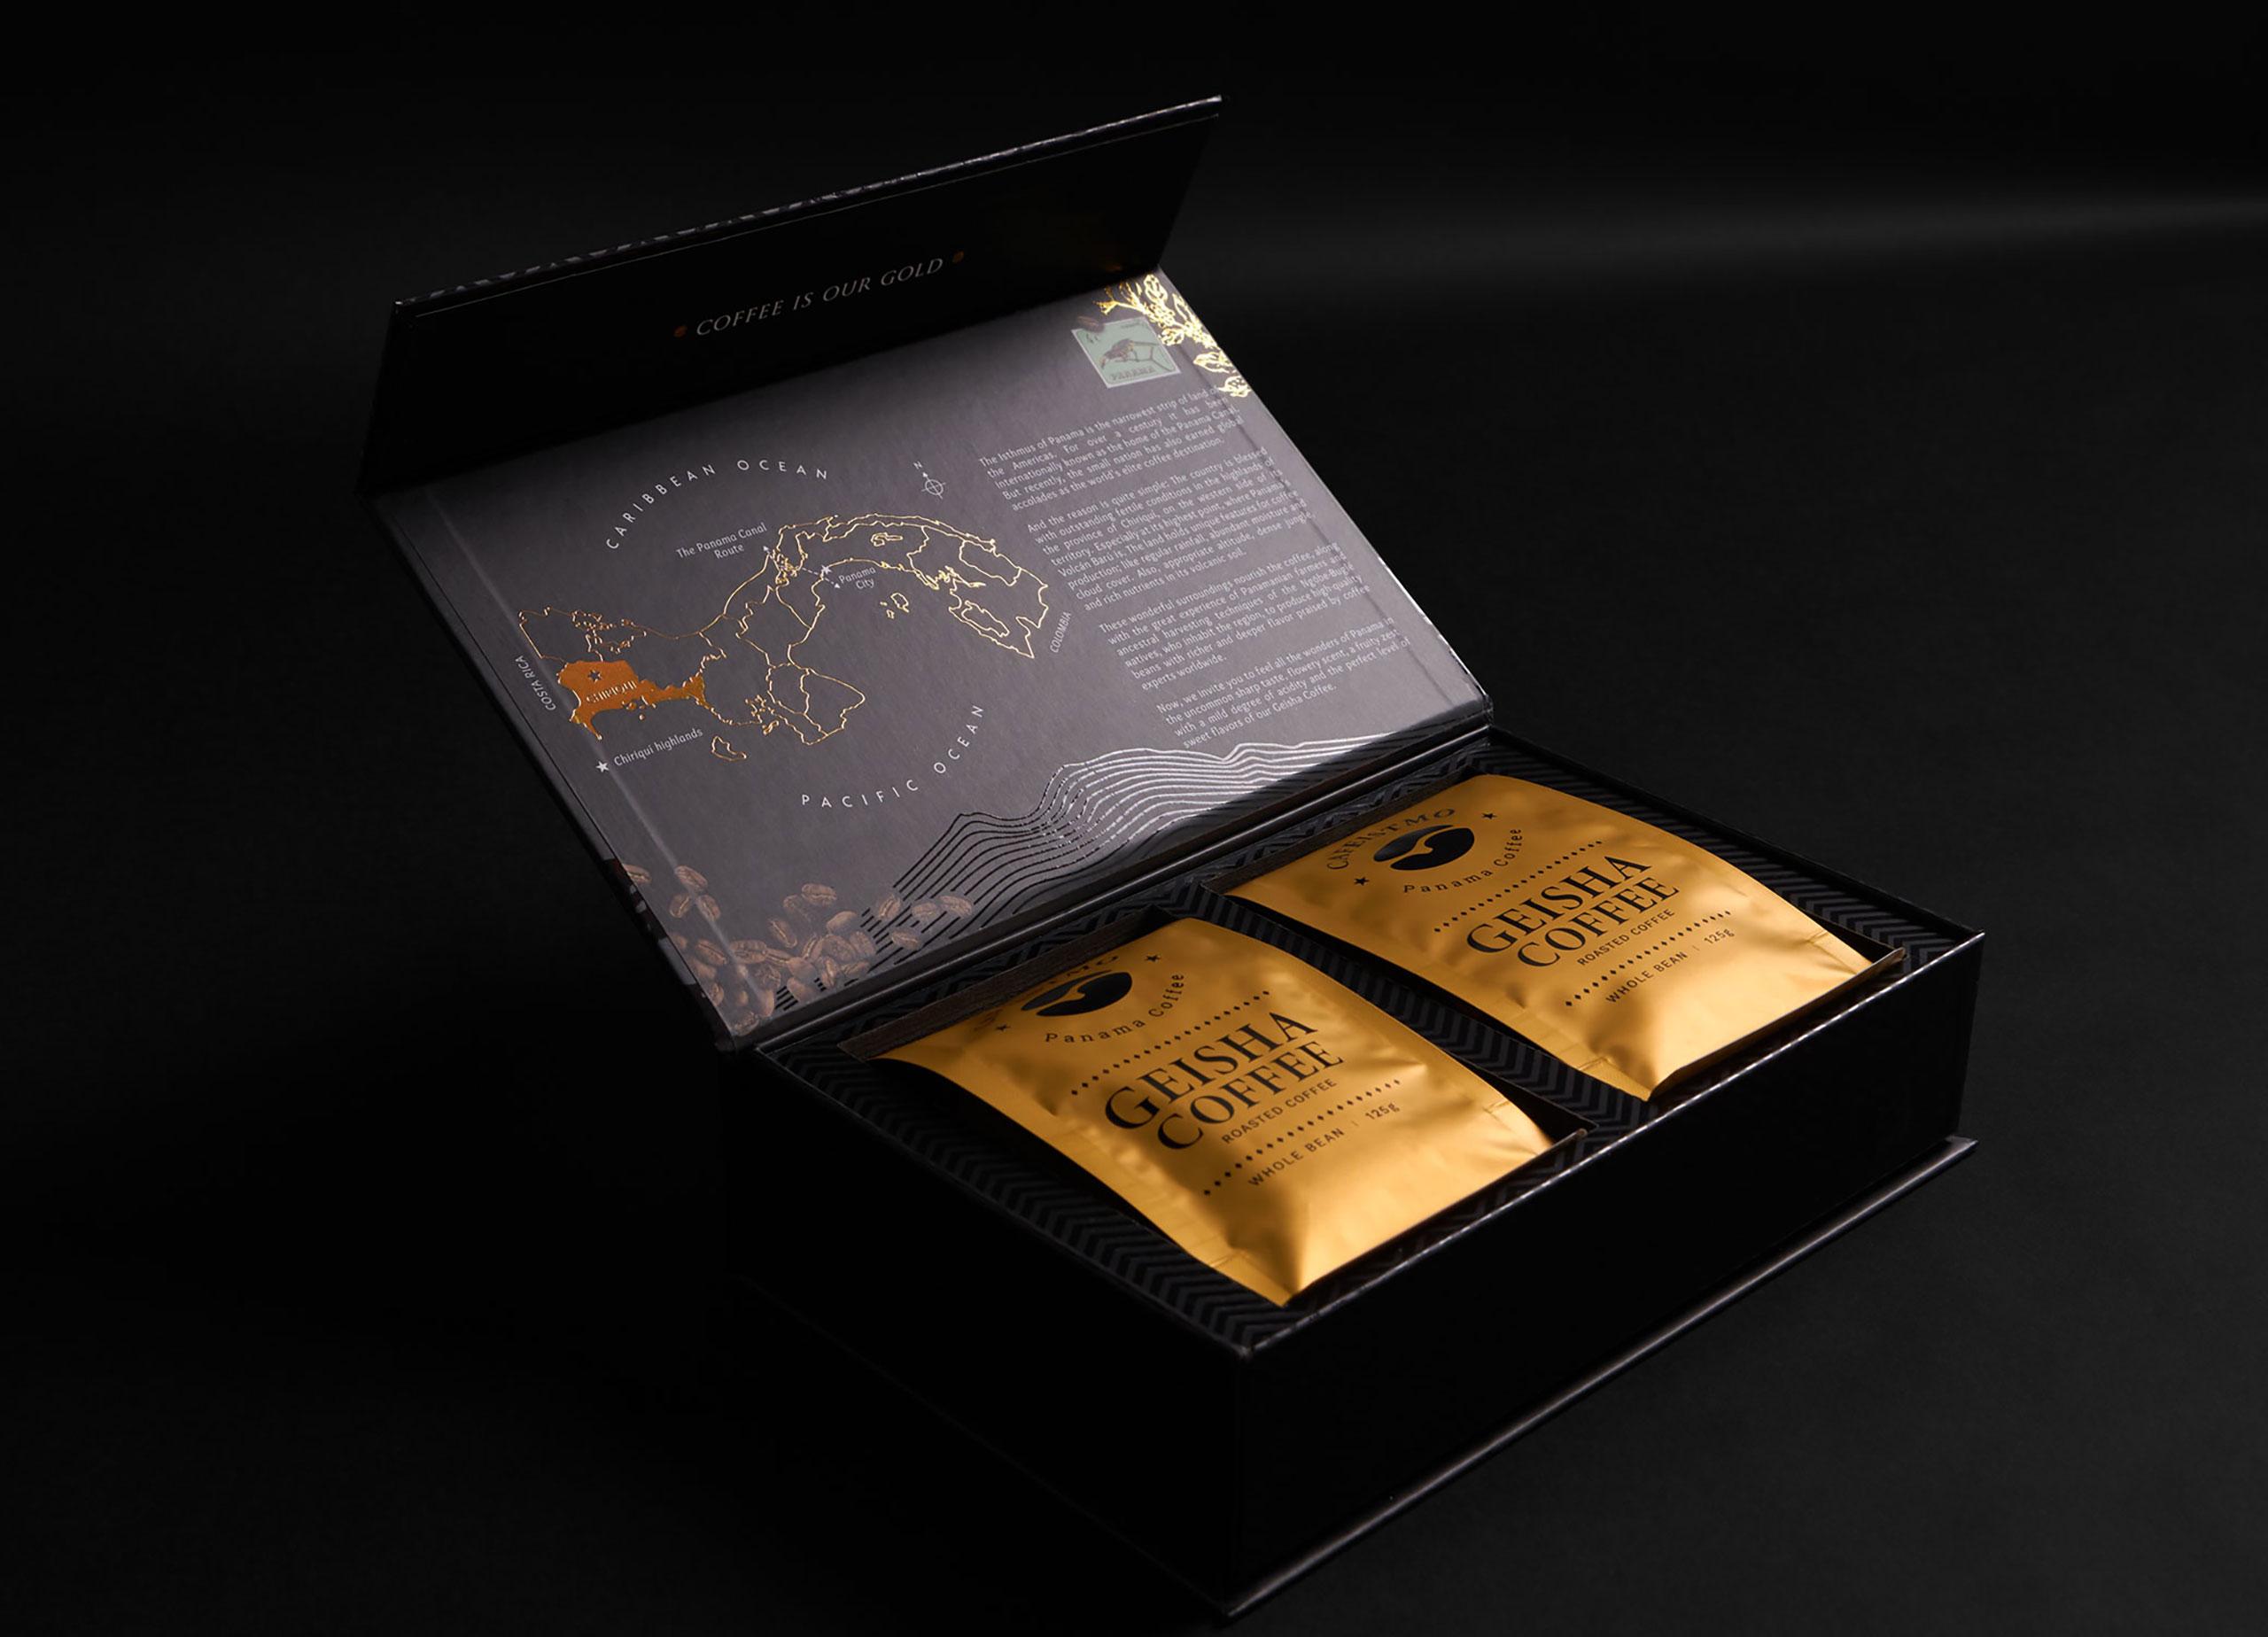 Cafeistmo Geisha Coffee boxset